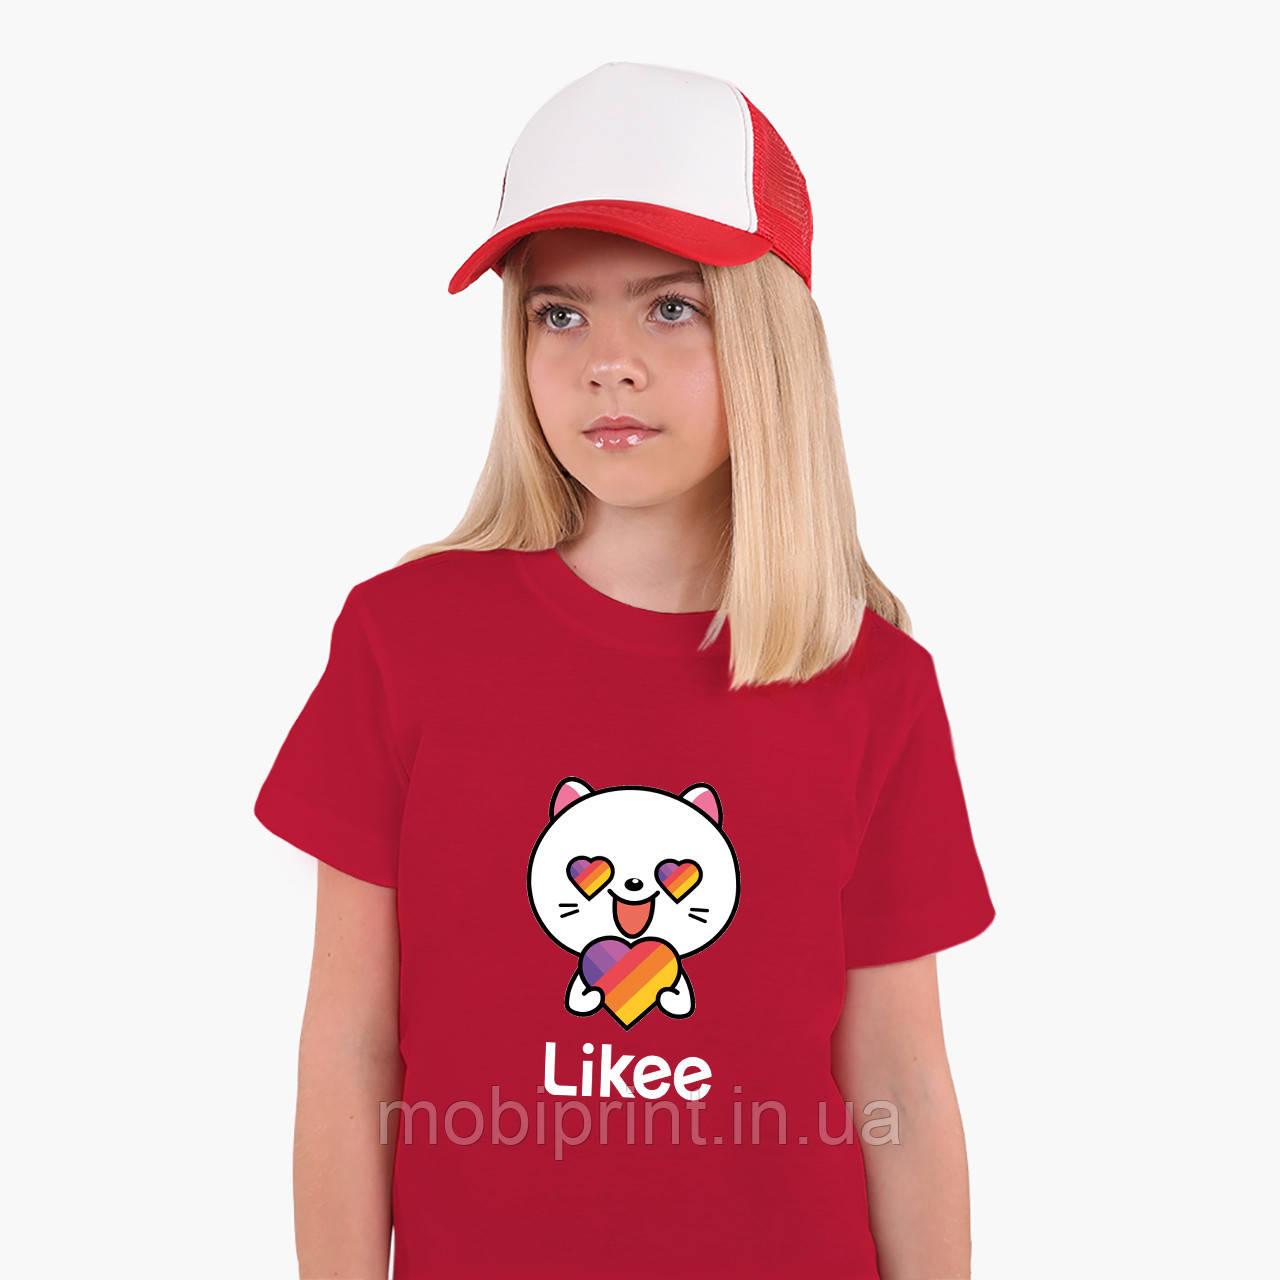 Детская футболка для девочек Лайк Котик (Likee Cat) (25186-1036) Красный